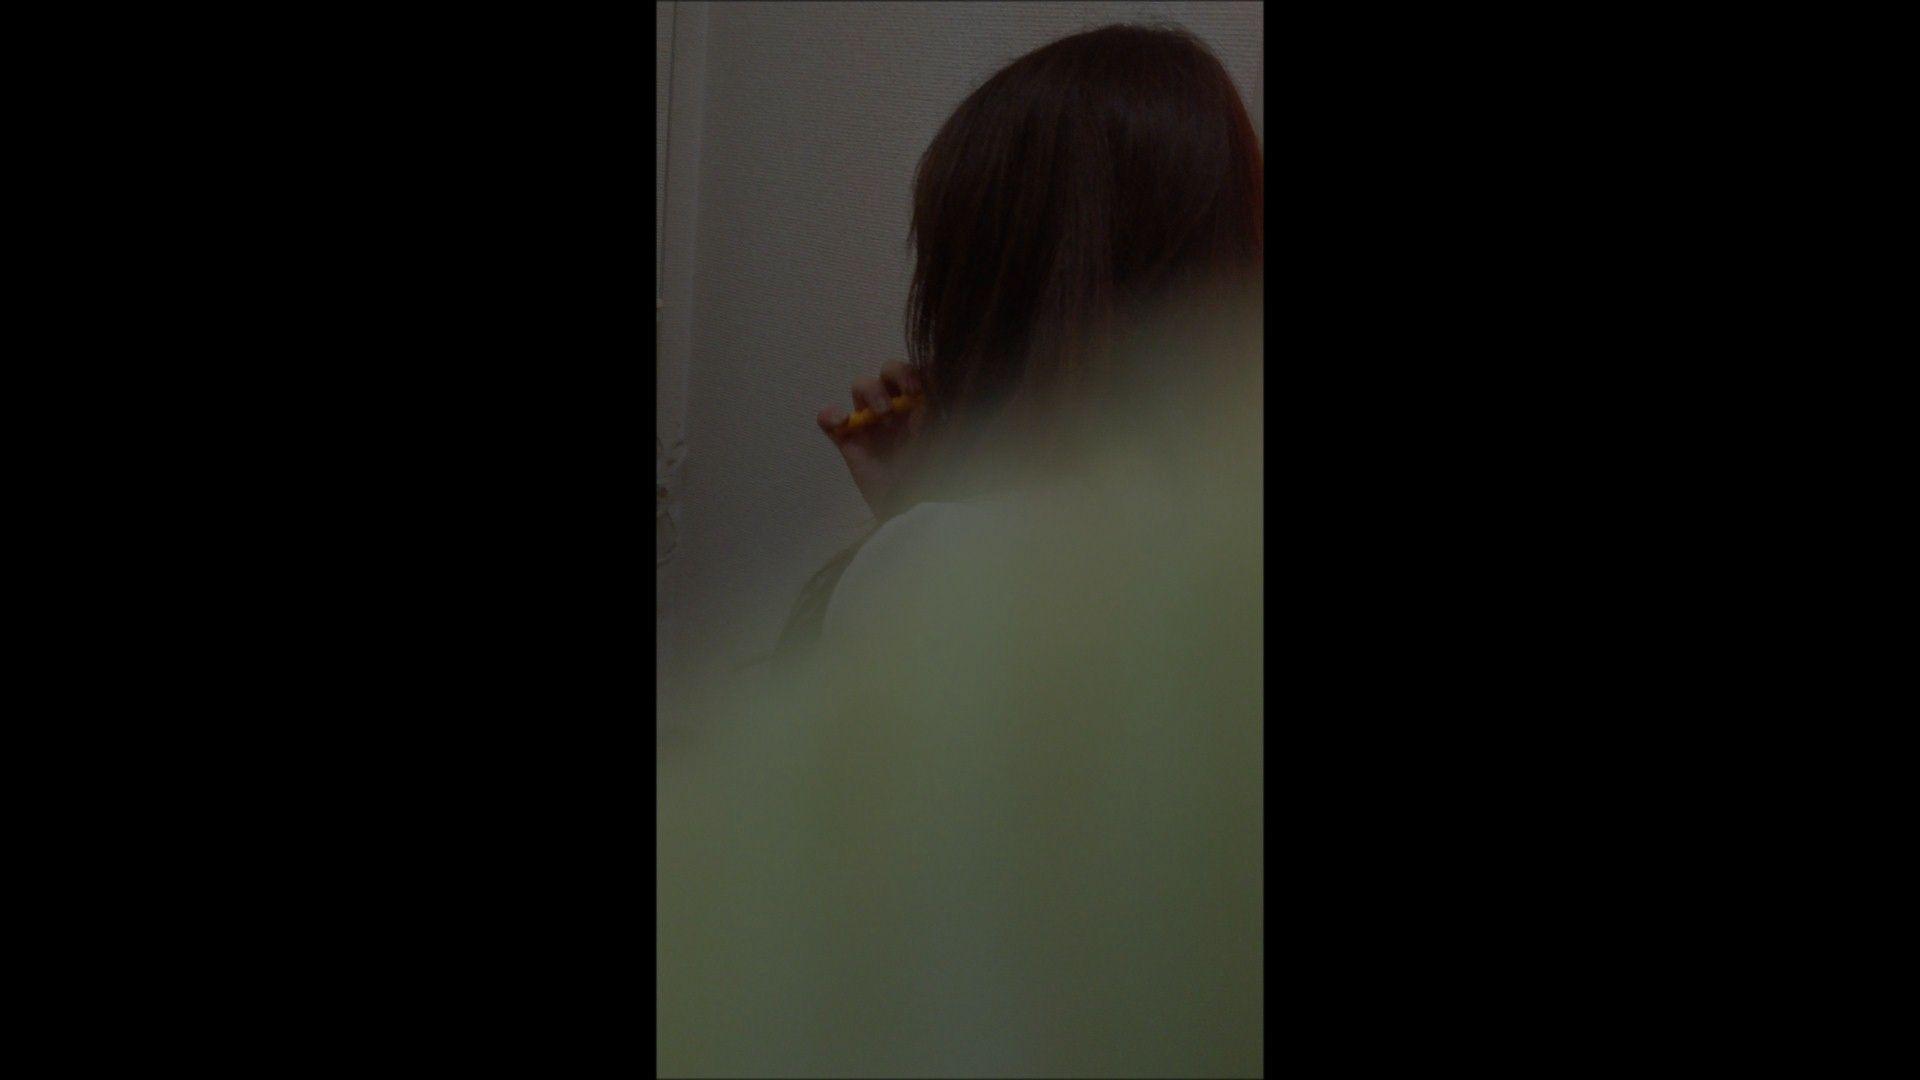 08(8日目)メイク中の彼女の顔を撮りました! マンコ特集 | オマンコ丸見え  59連発 17